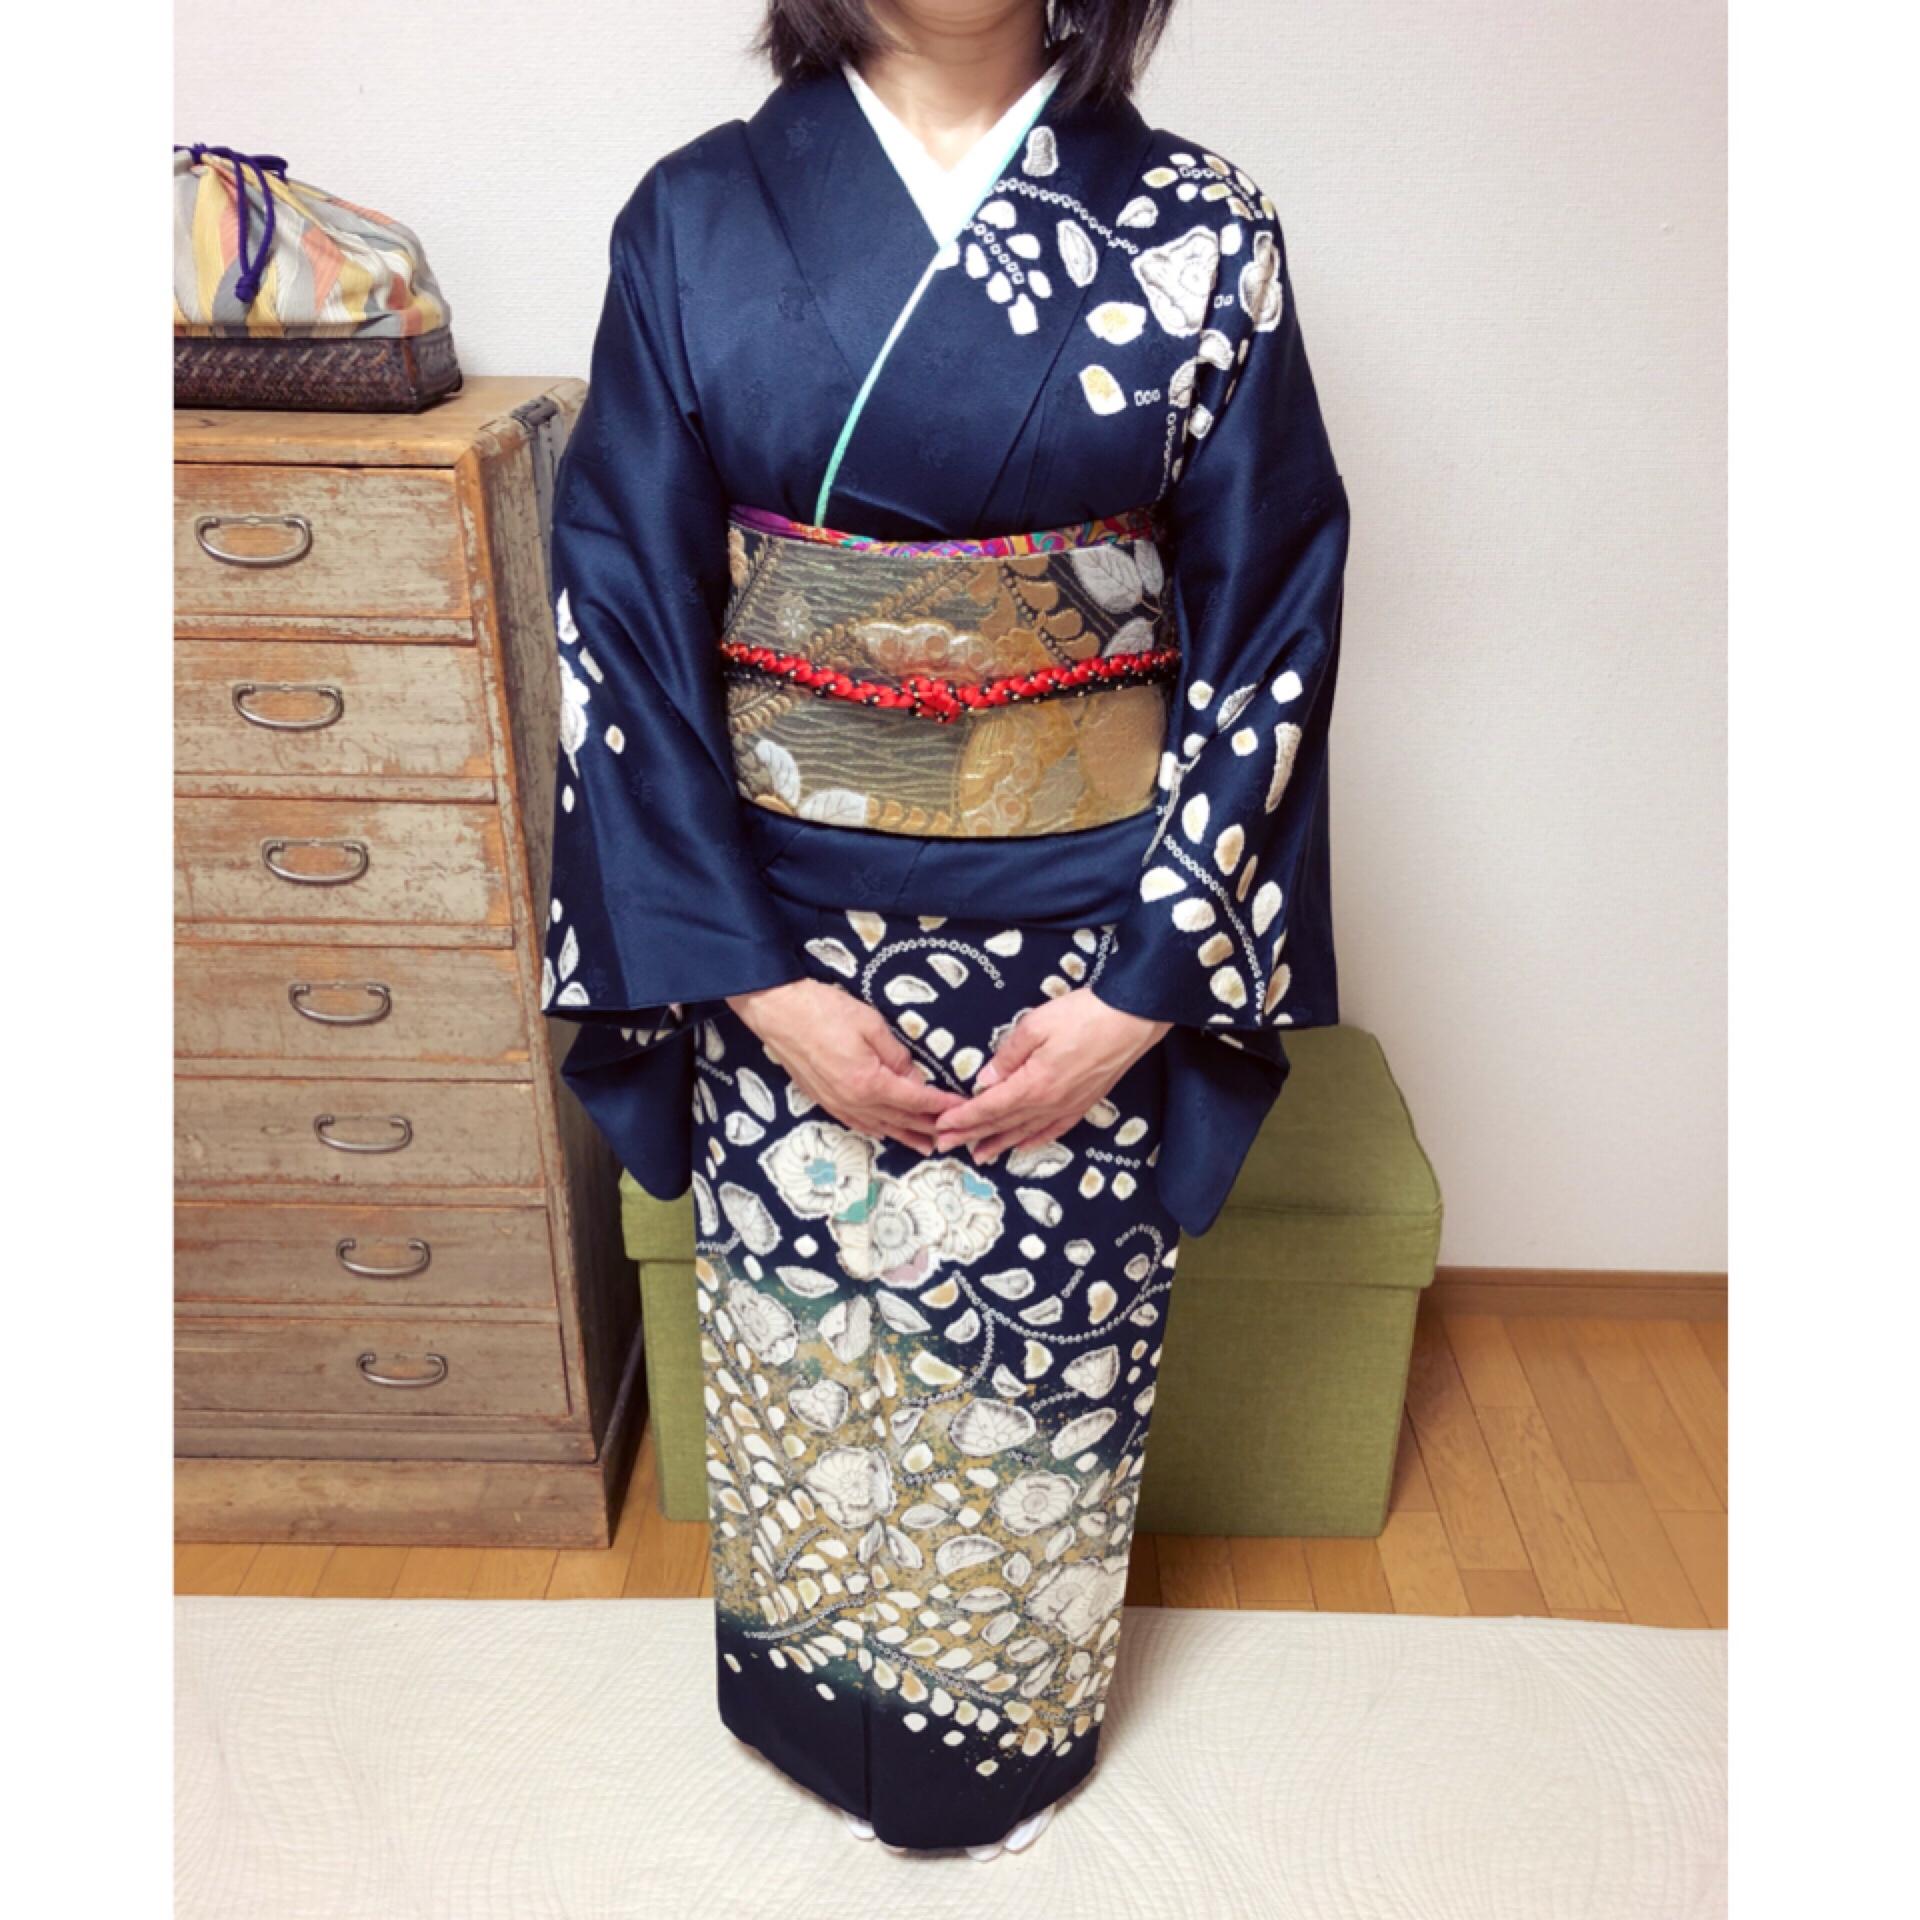 最後は礼装コース2コマ受講でご卒業されました【大阪京橋のマンツーマン着付け教室きものたまより】